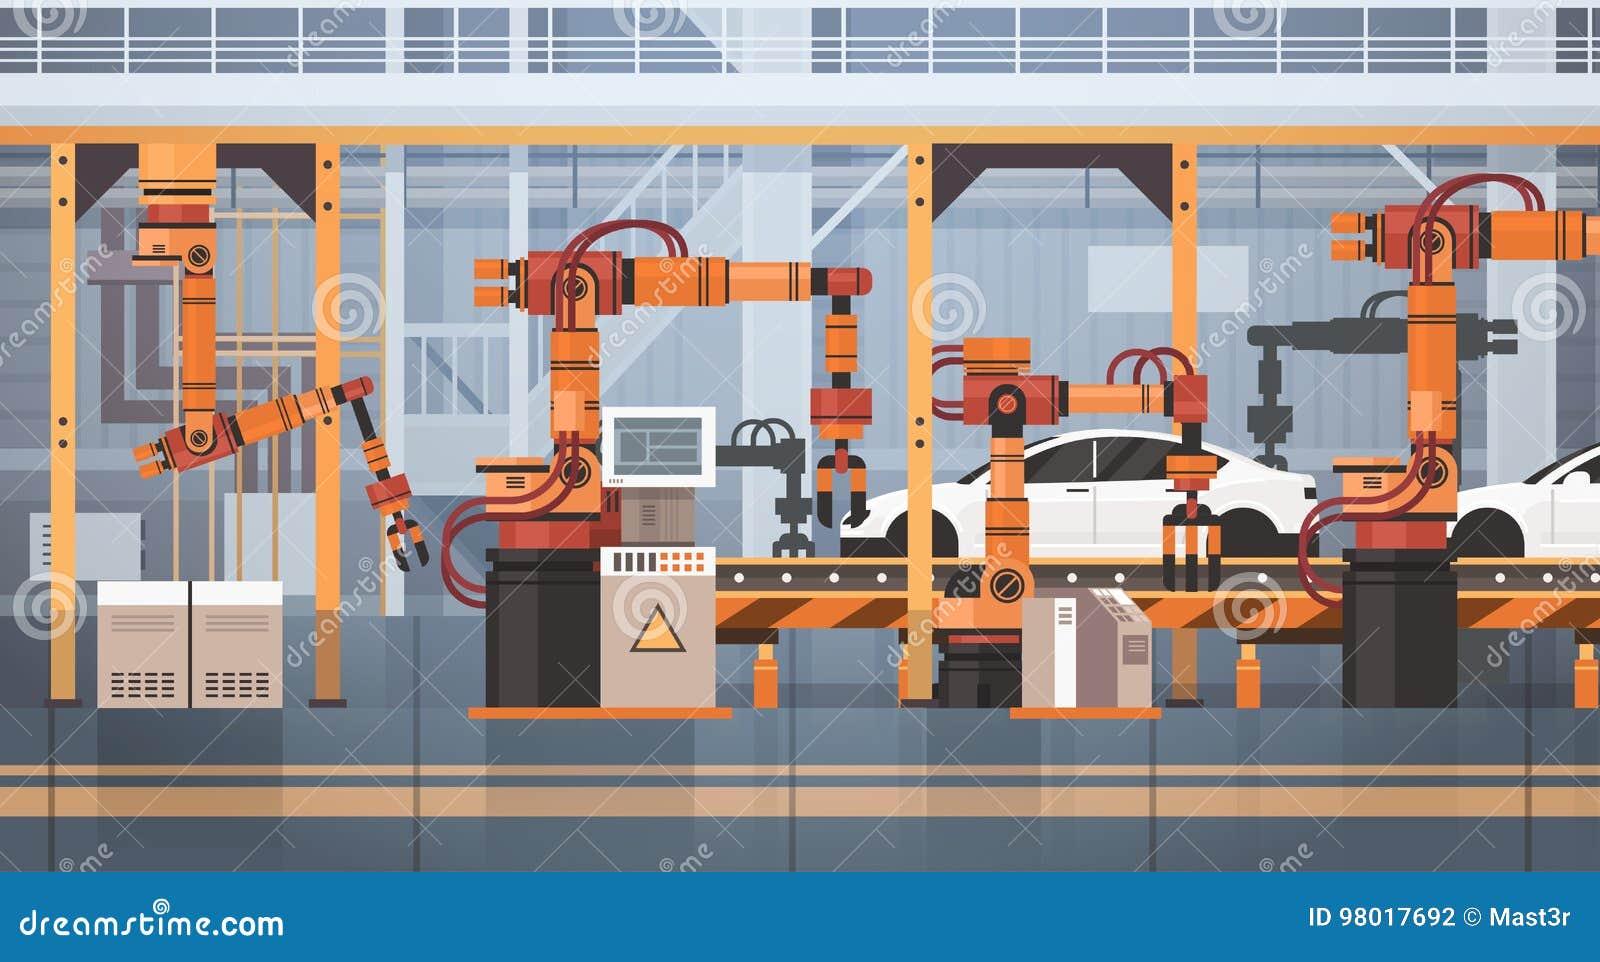 汽车生产传动机自动装配线机械工业自动化产业概念